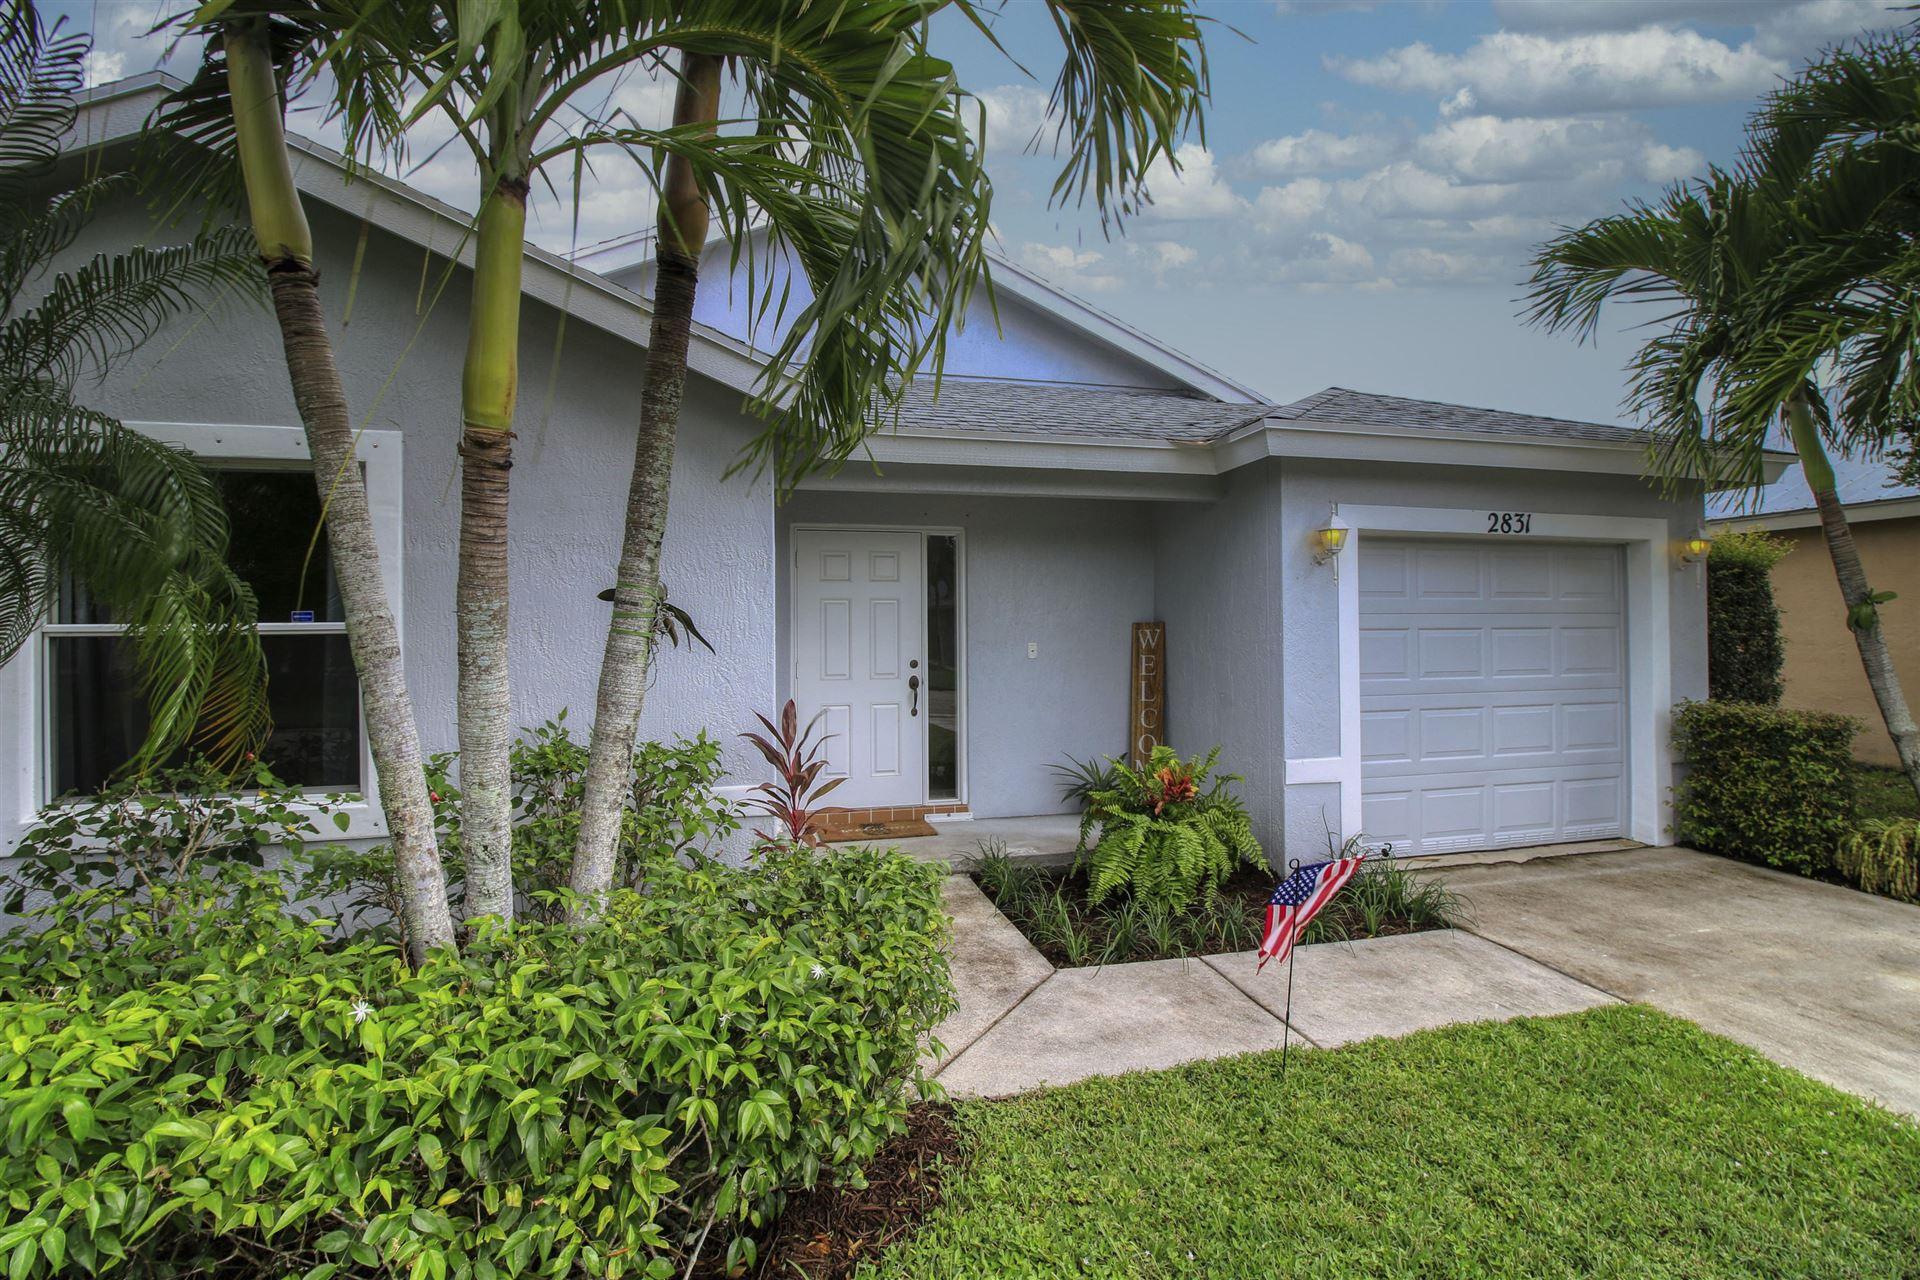 Photo of 2831 SW Riviera Road, Stuart, FL 34997 (MLS # RX-10665663)